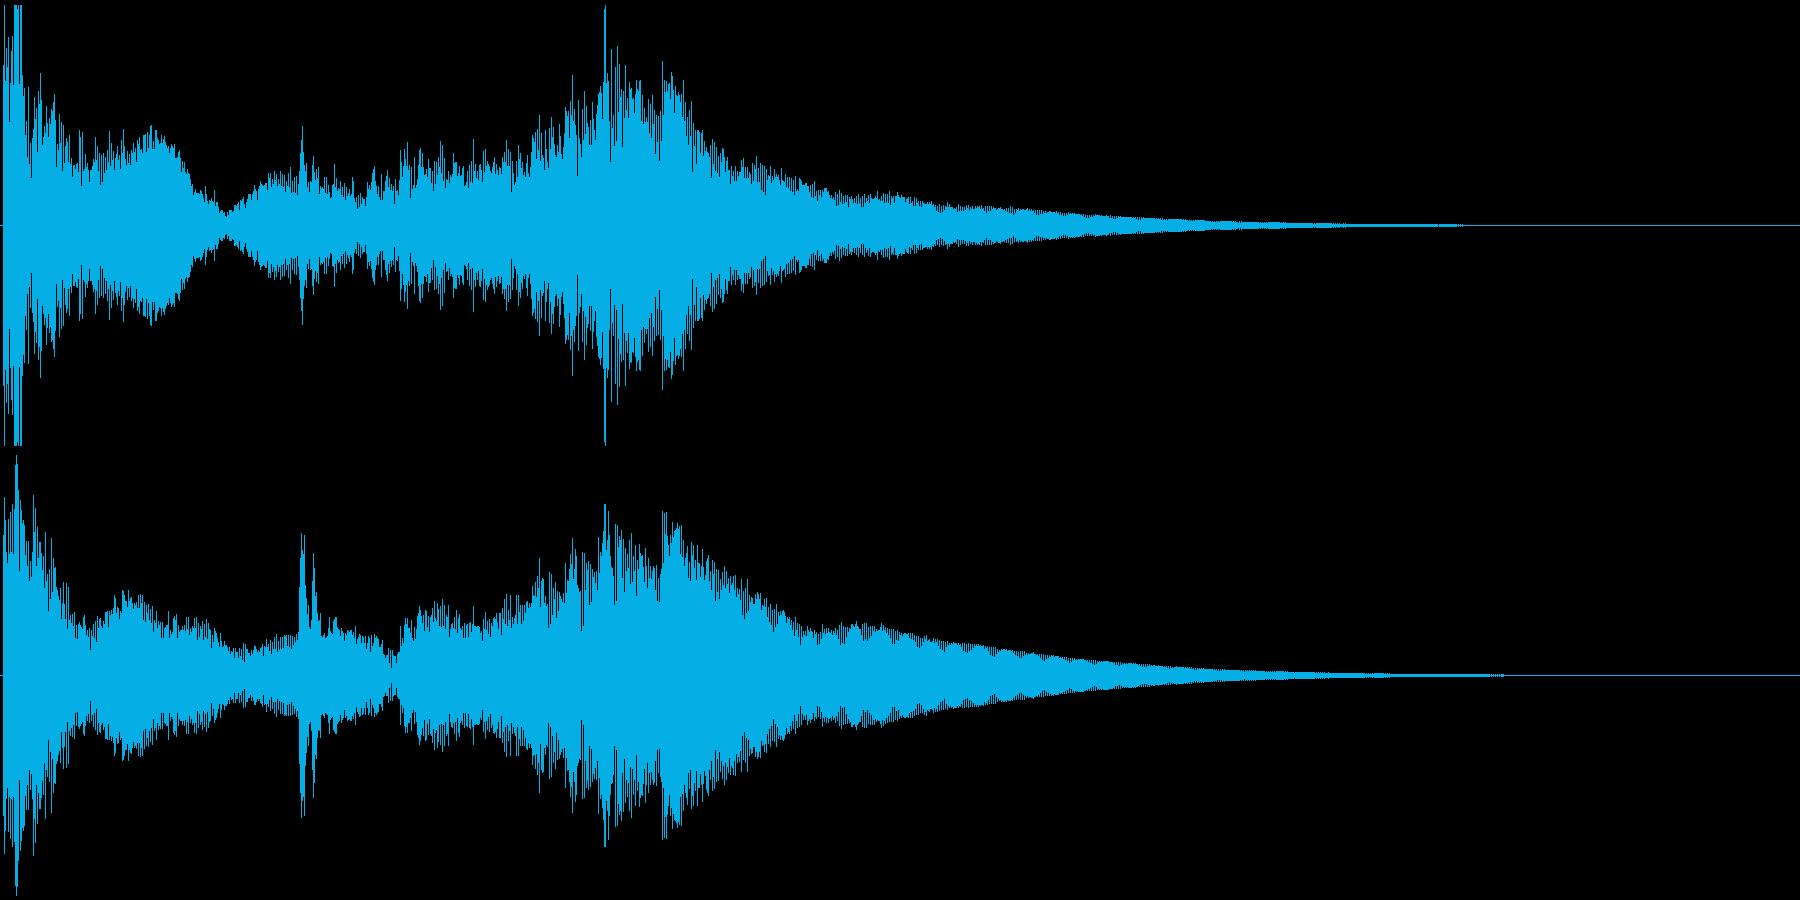 和太鼓登場ジングル2の再生済みの波形